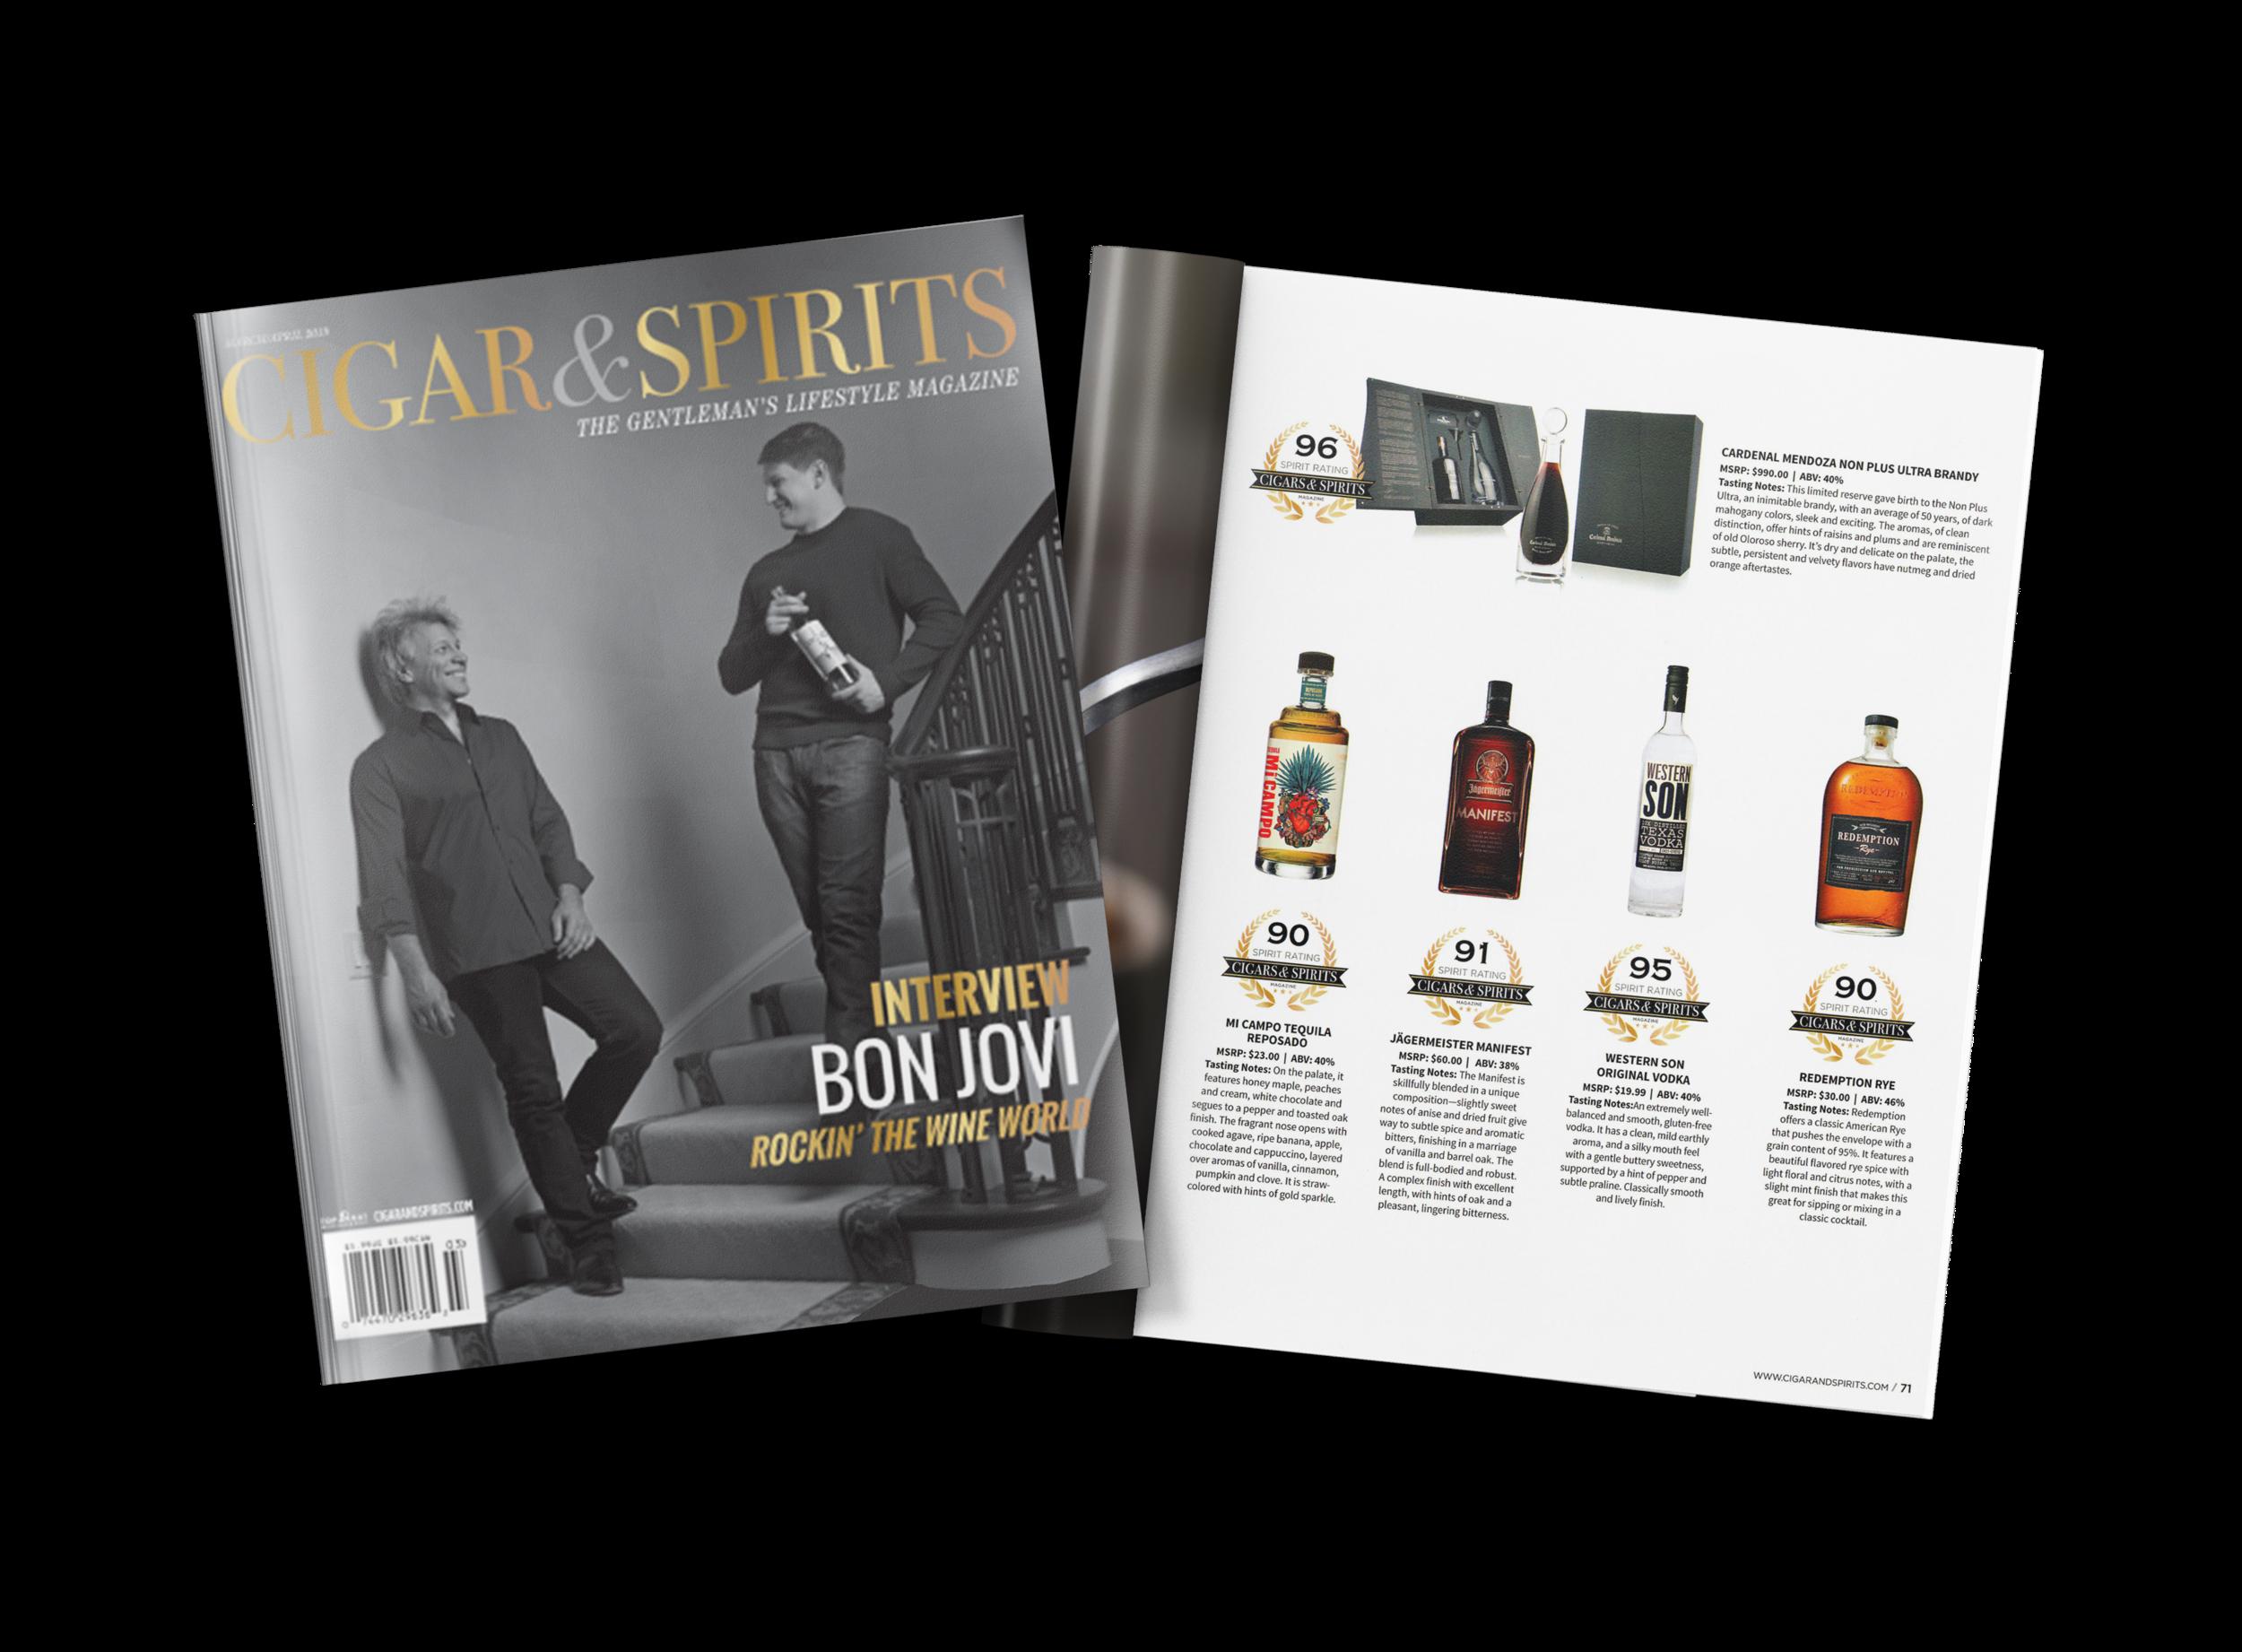 Cigar & Spirits